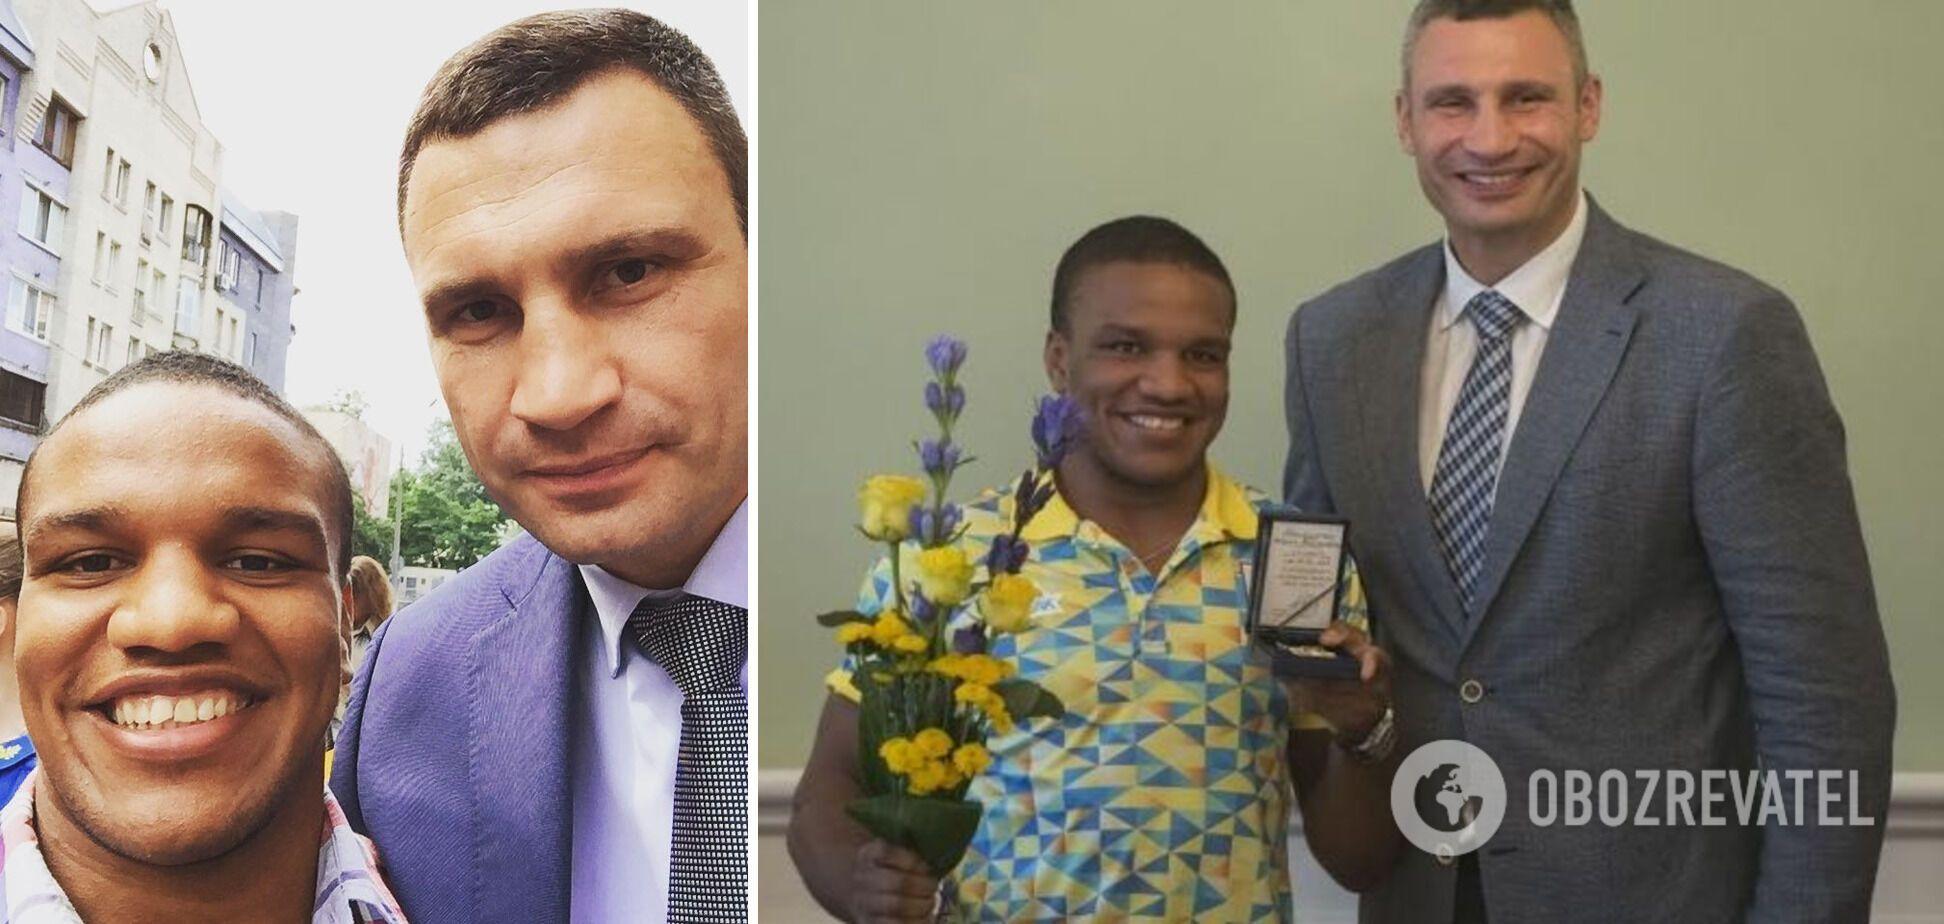 Беленюк считает, что мог бы составить конкуренцию на выборах мэра Киева Виталию Кличко